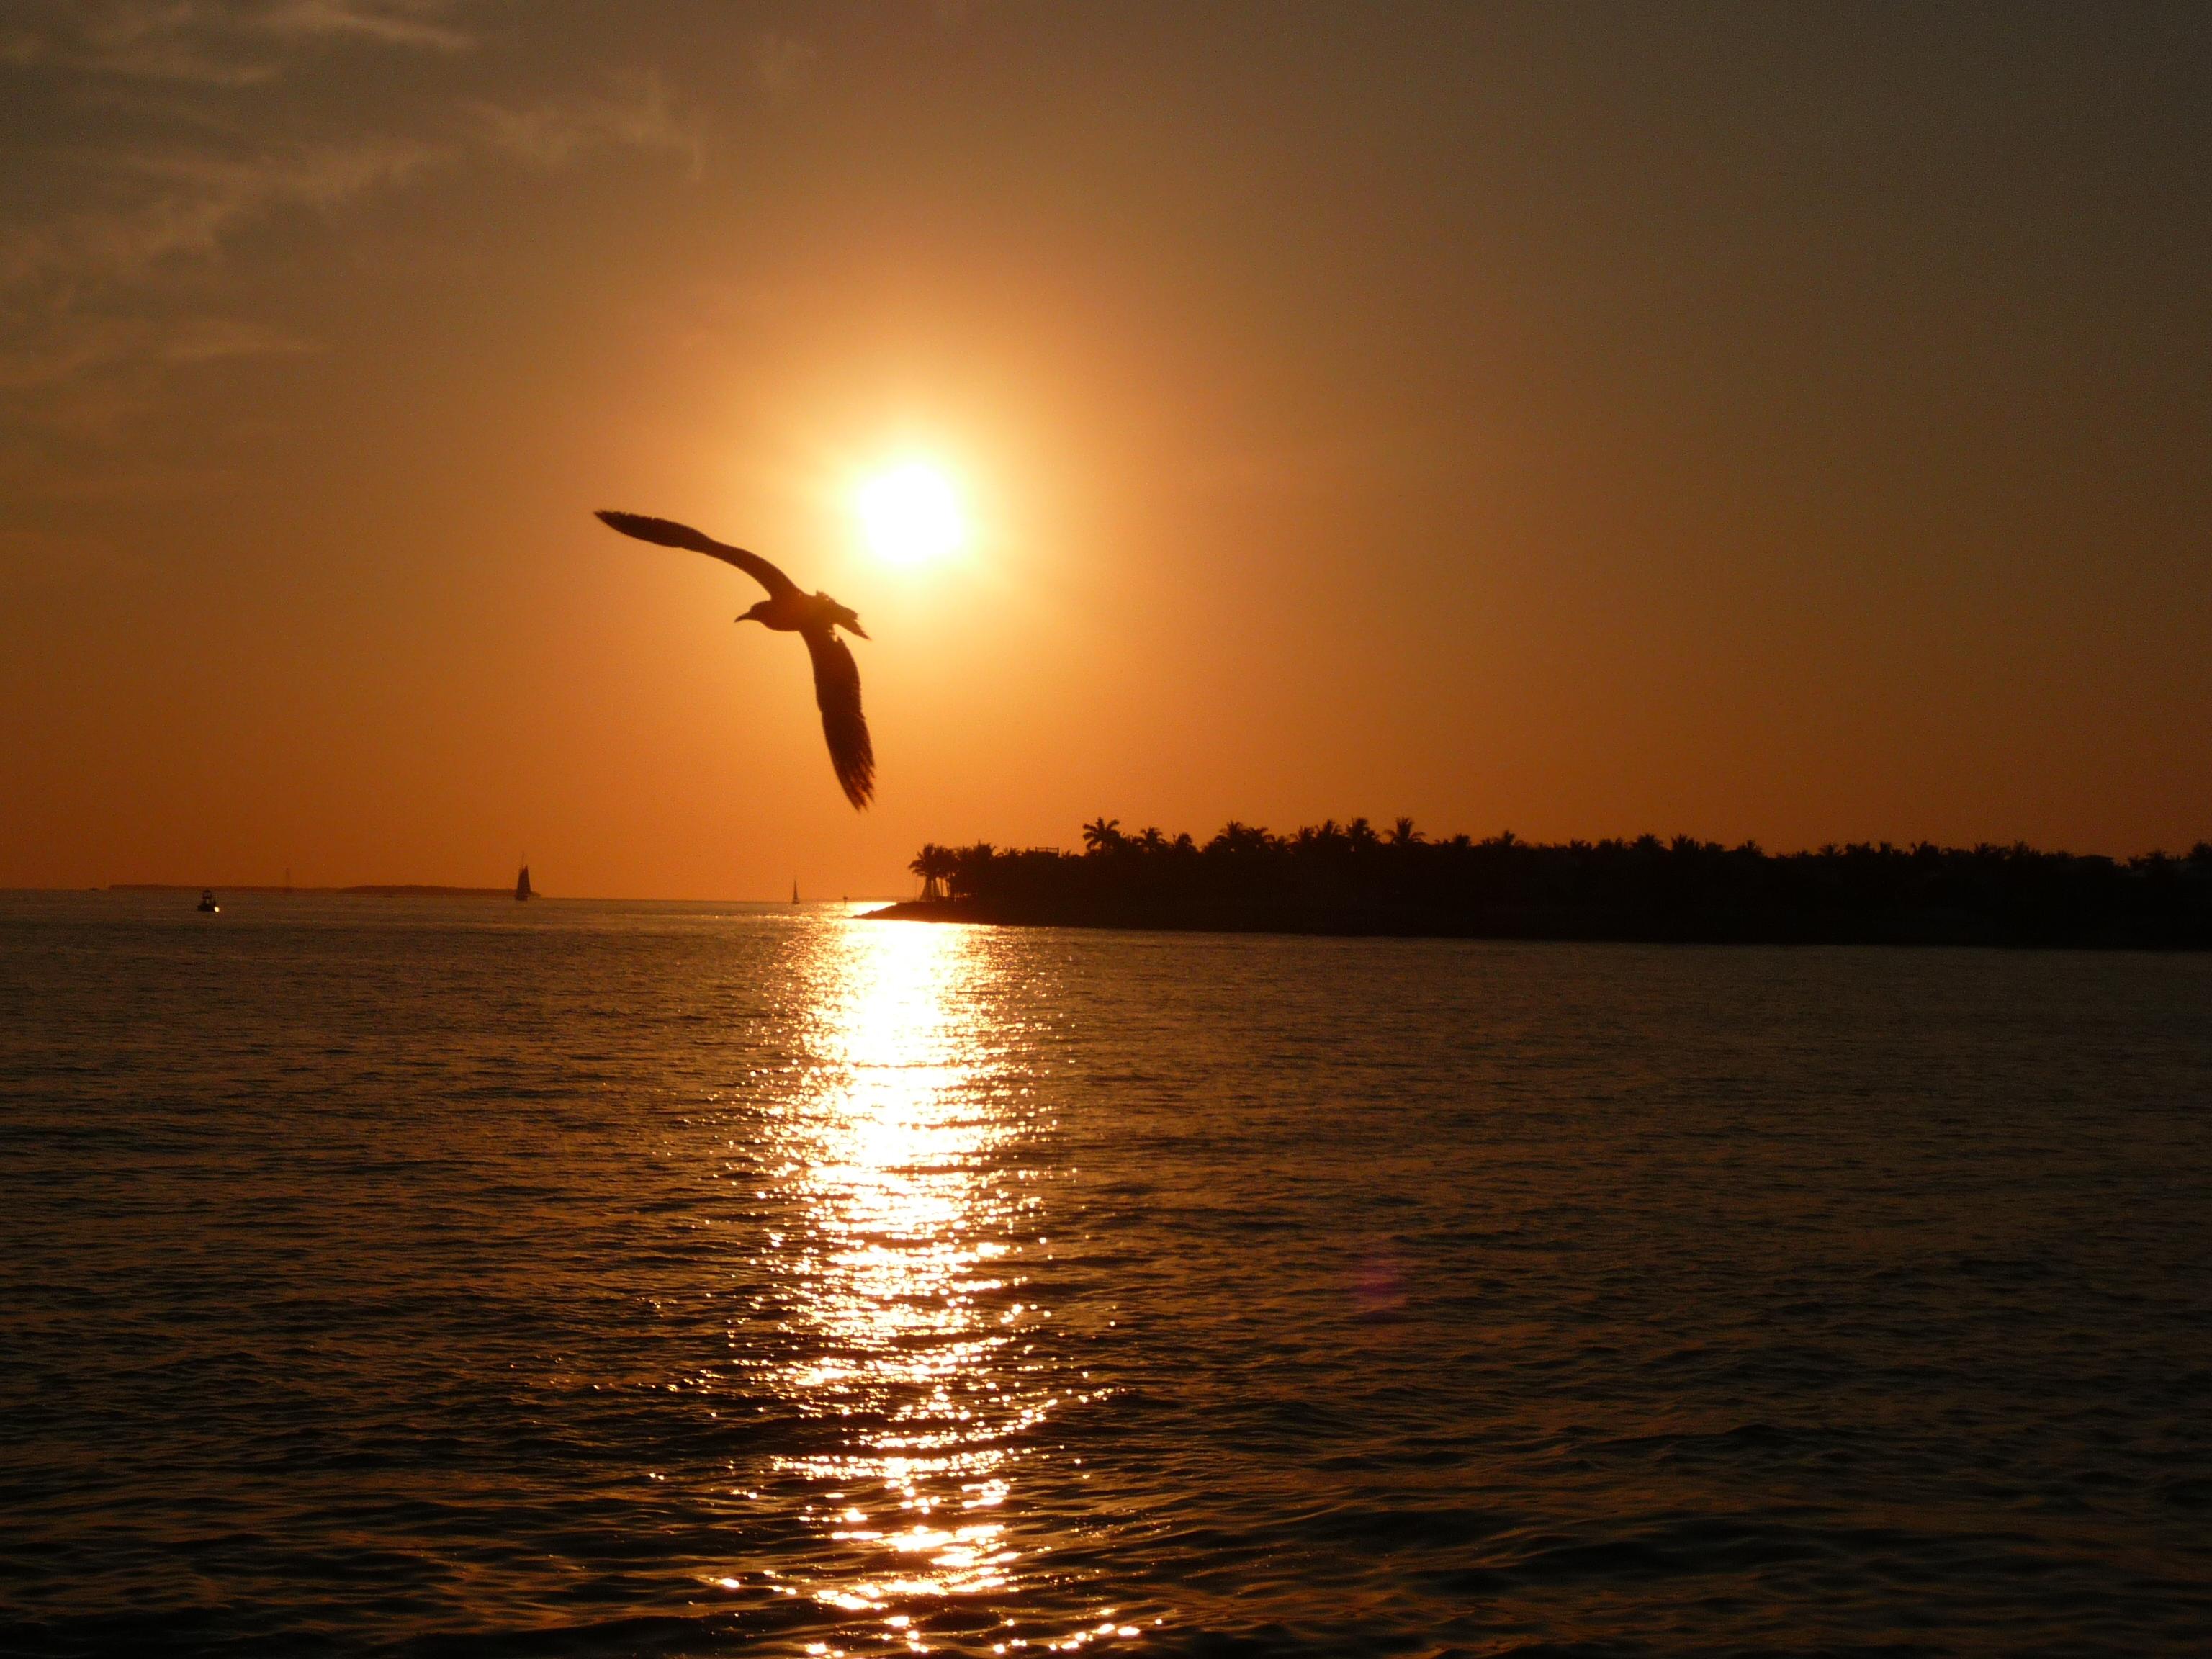 Keys paradis de floride happycurio - Heure de coucher du soleil aujourd hui ...